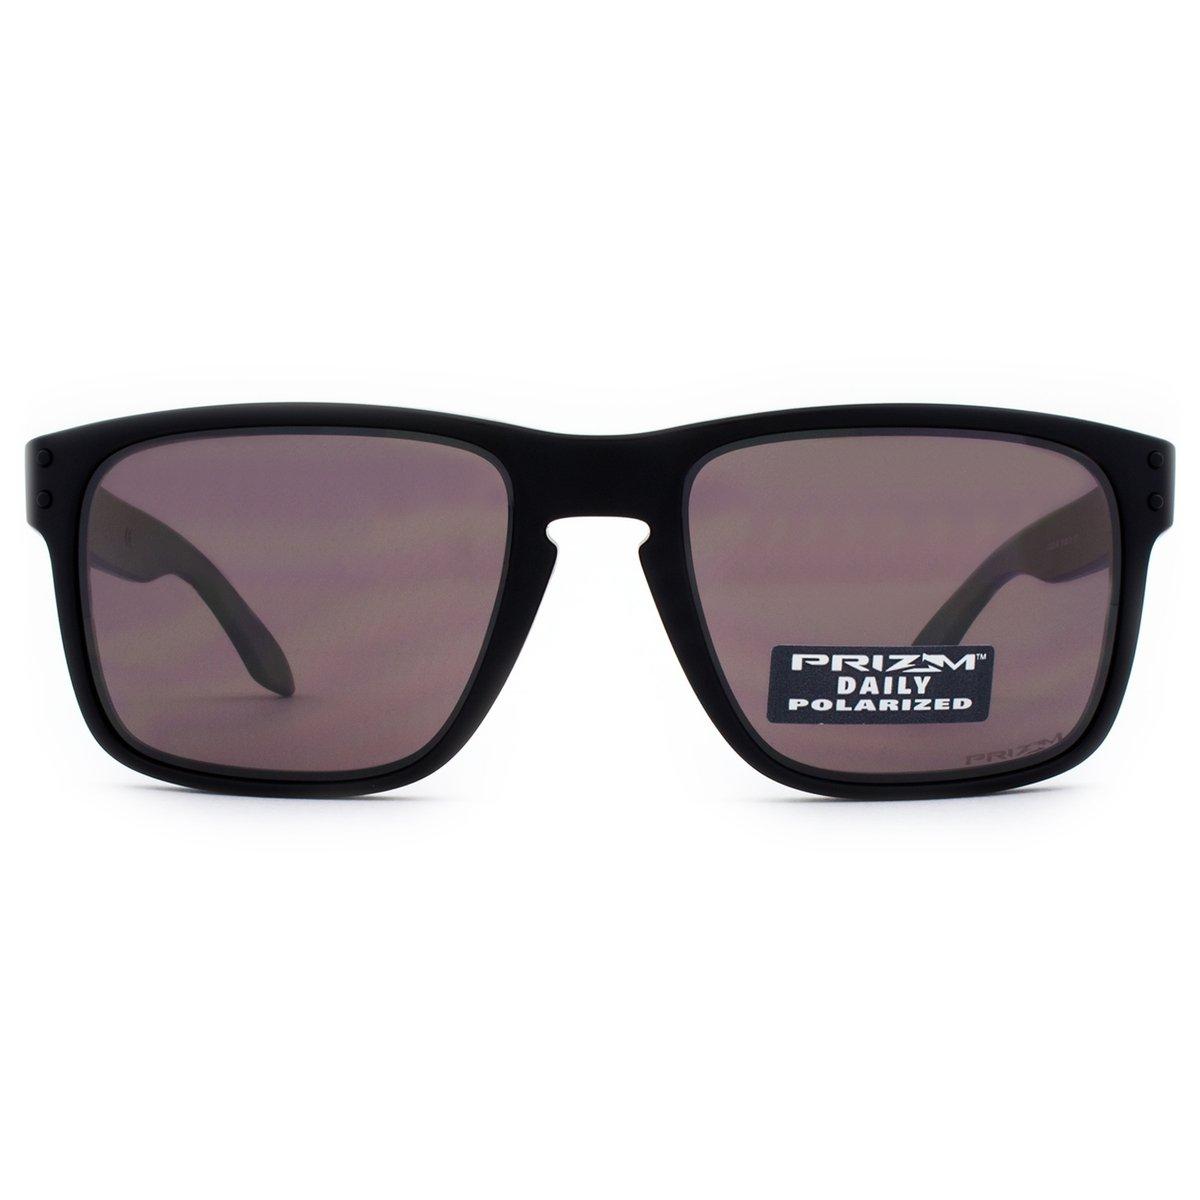 cdb3c8fa93a16 Óculos Oakley Holbrook Polarizado OO9102 90 55 - Compre Agora